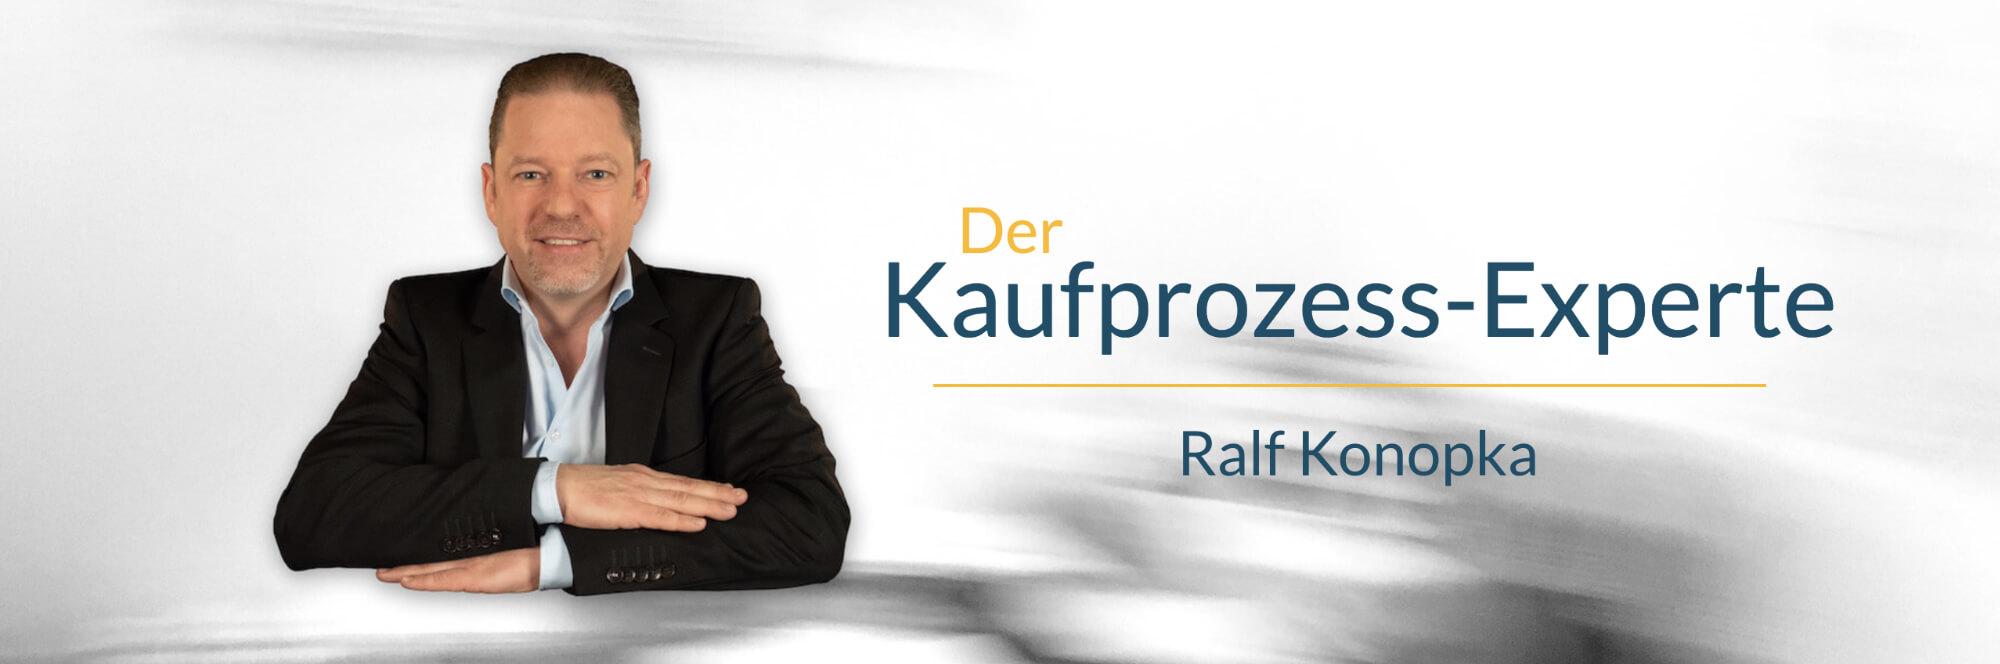 Der Kaufprozess-Experte Ralf Konopka